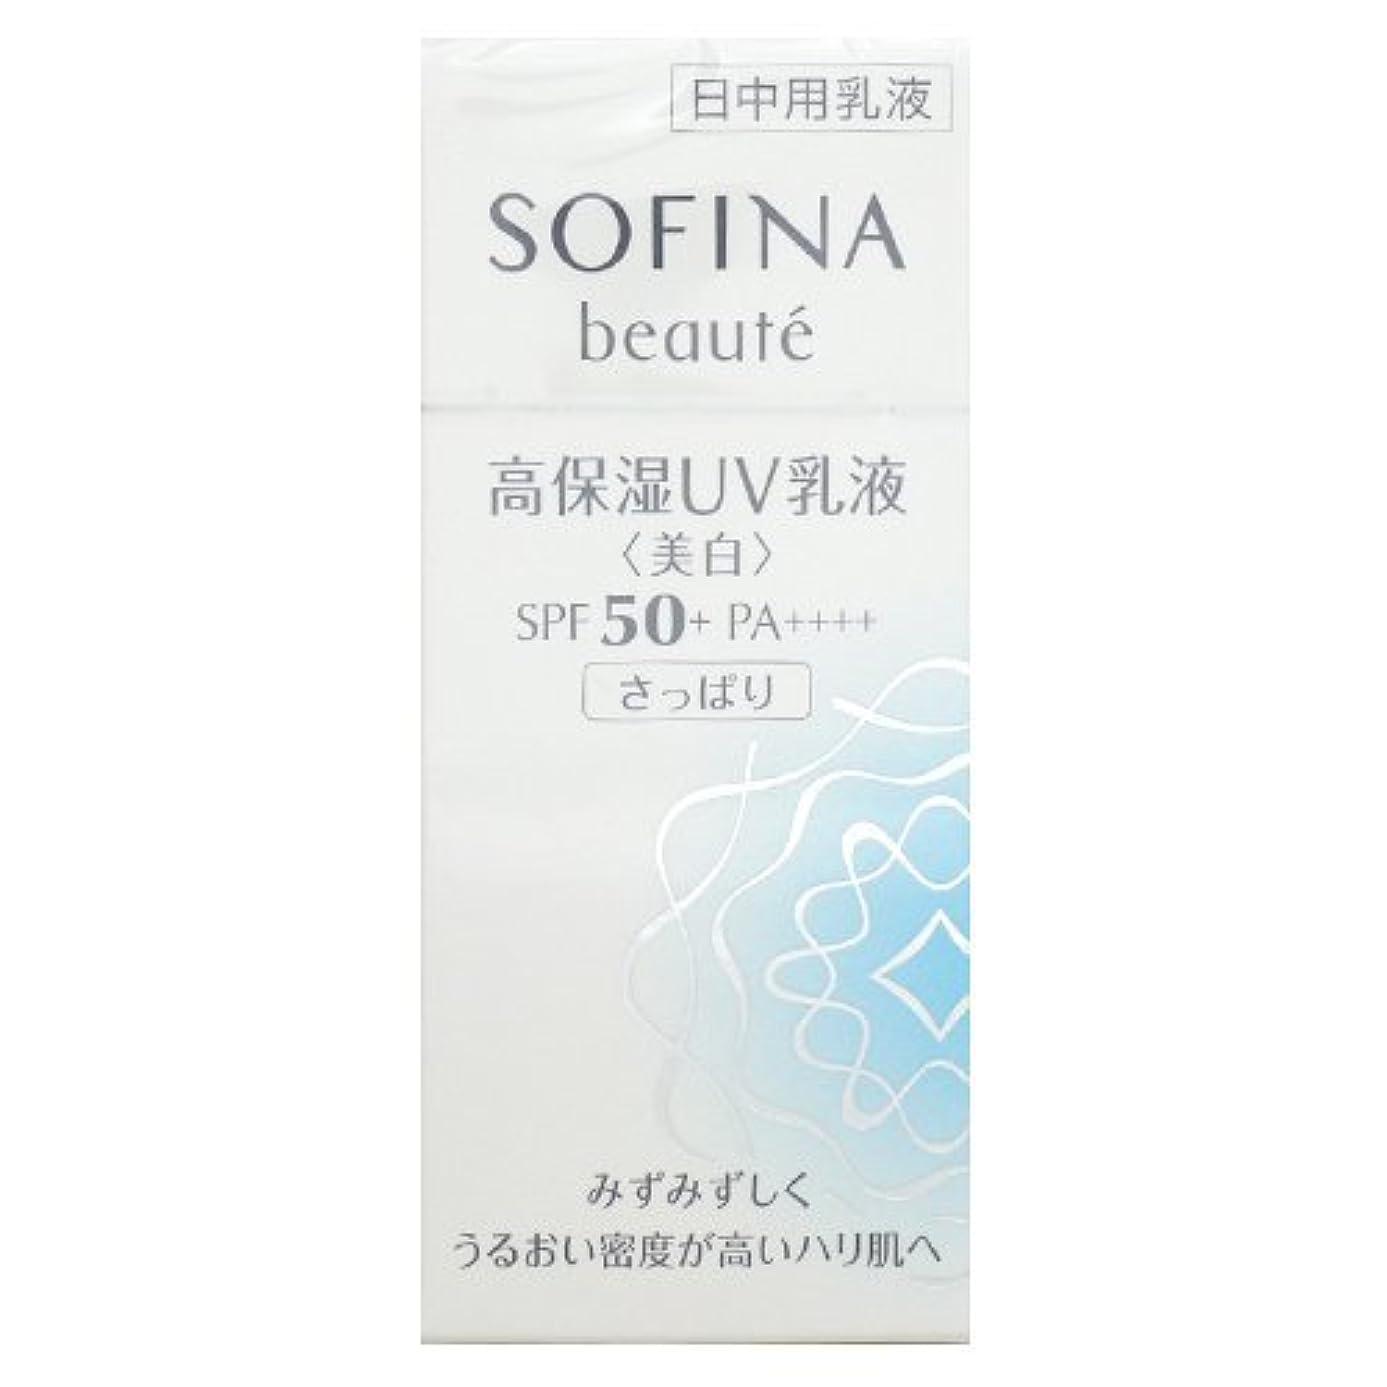 スポークスマン慎重に契約する花王 ソフィーナ ボーテ SOFINA beaute 高保湿UV乳液 美白 SPF50+ PA++++ さっぱり 30mL [並行輸入品]